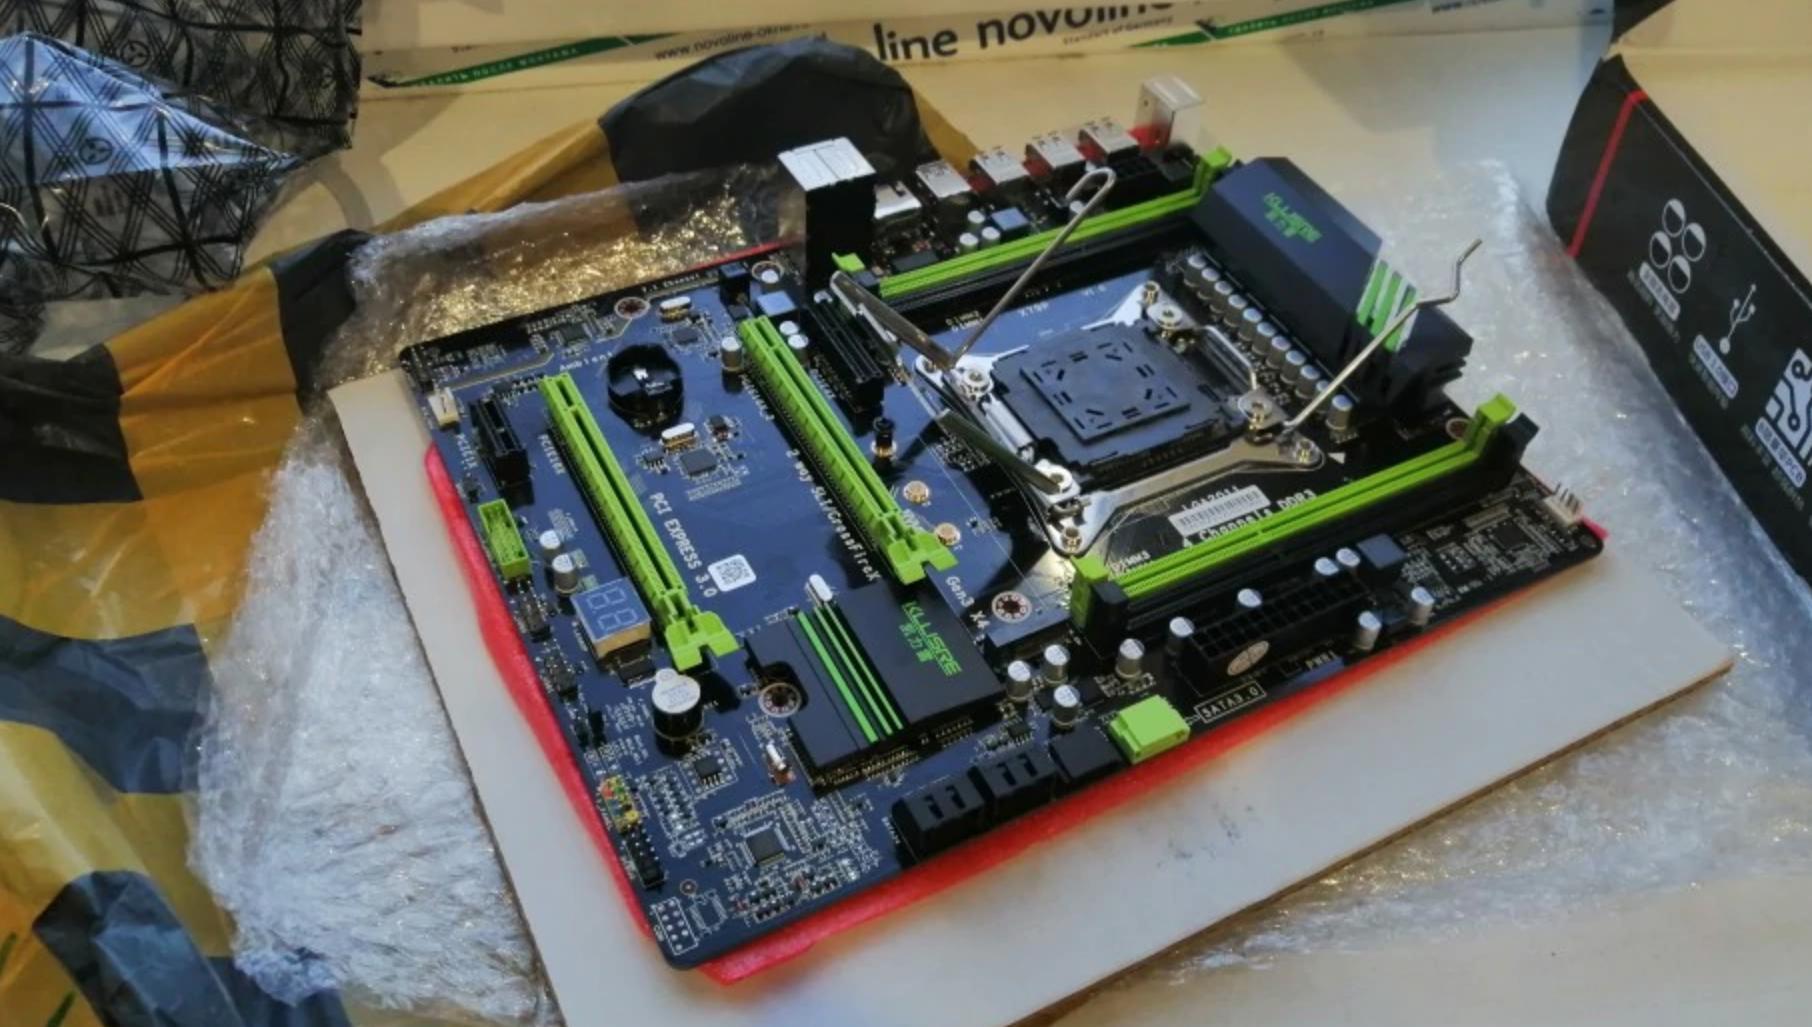 Набор, состоящий из материнской платы, процессора и оперативной памяти